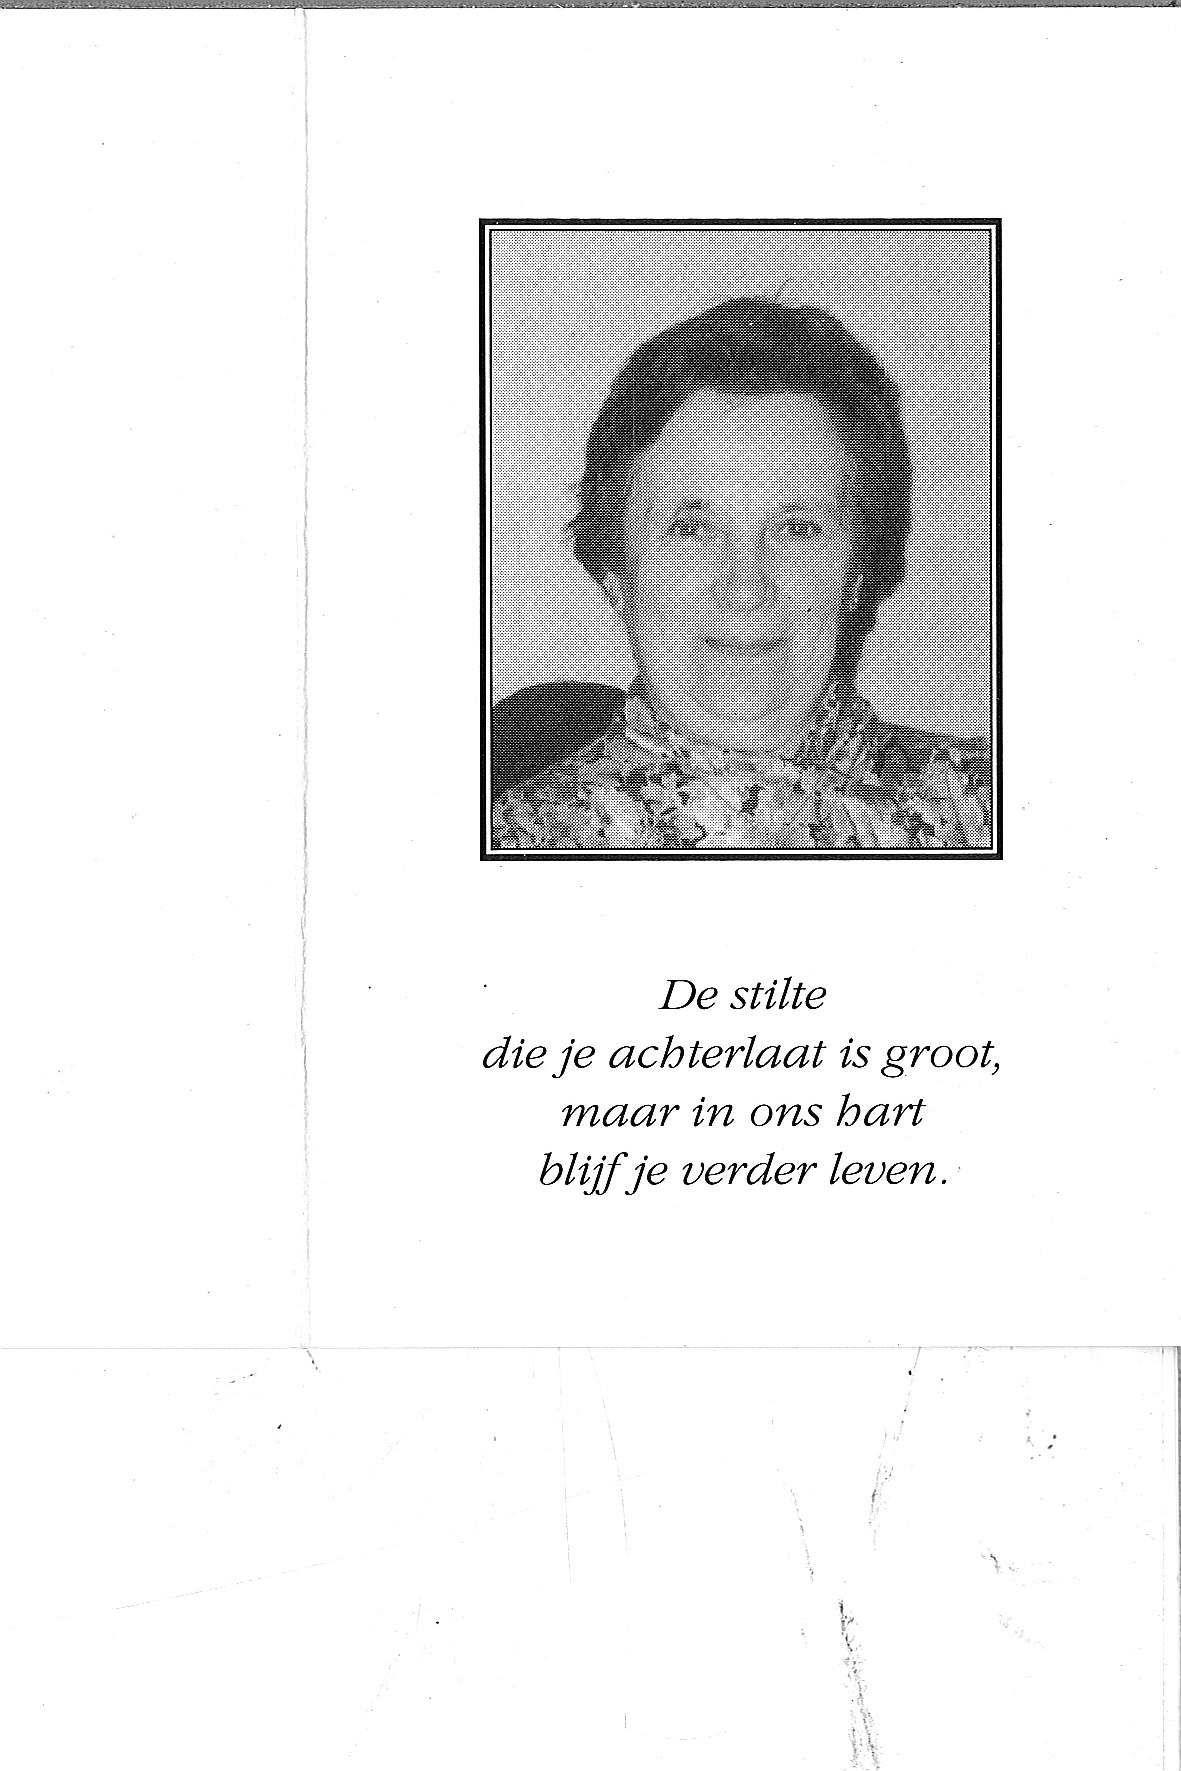 Maria(1994)20130826140625_00043.jpg